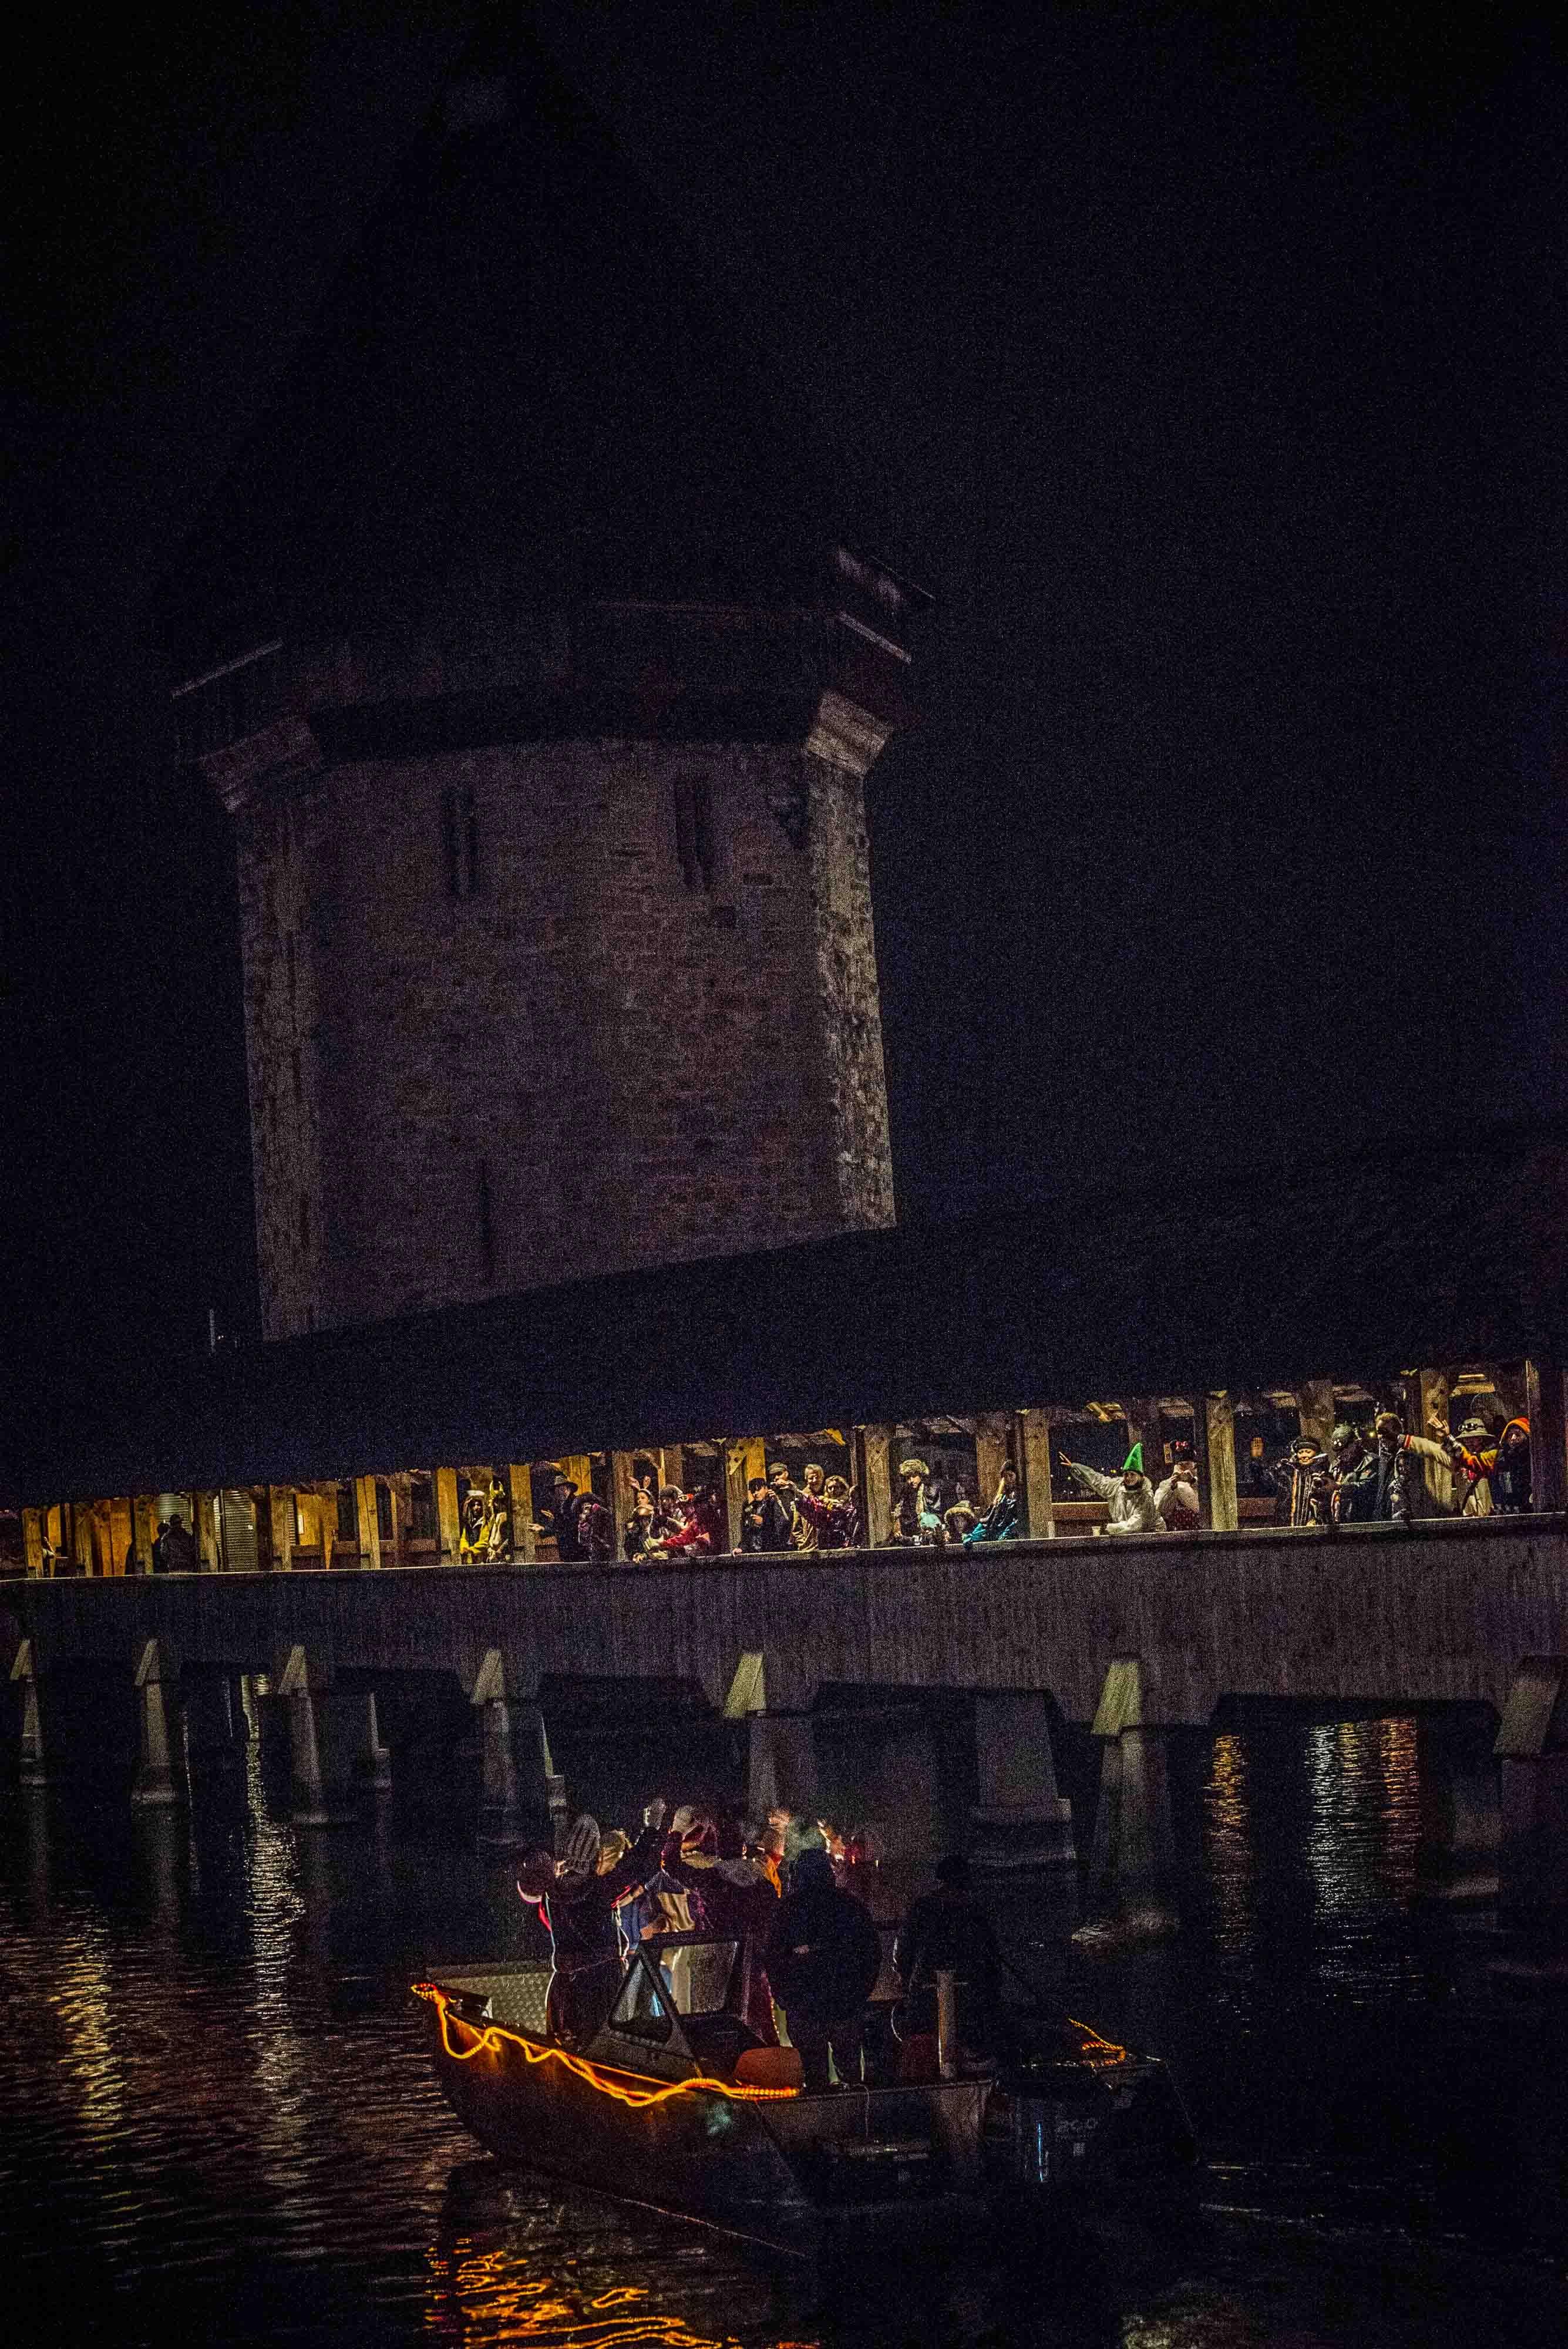 Kapellbrücke in Luzern, Luzern ab. 22.00 Tschau Fritschi.    -----------------------------------------------------                                   Abschied von Bruder Fritschi und seinem Gefolge auf einem Fischerboot ab Jesuitenplatz Reuss aufwärts in die Nacht.